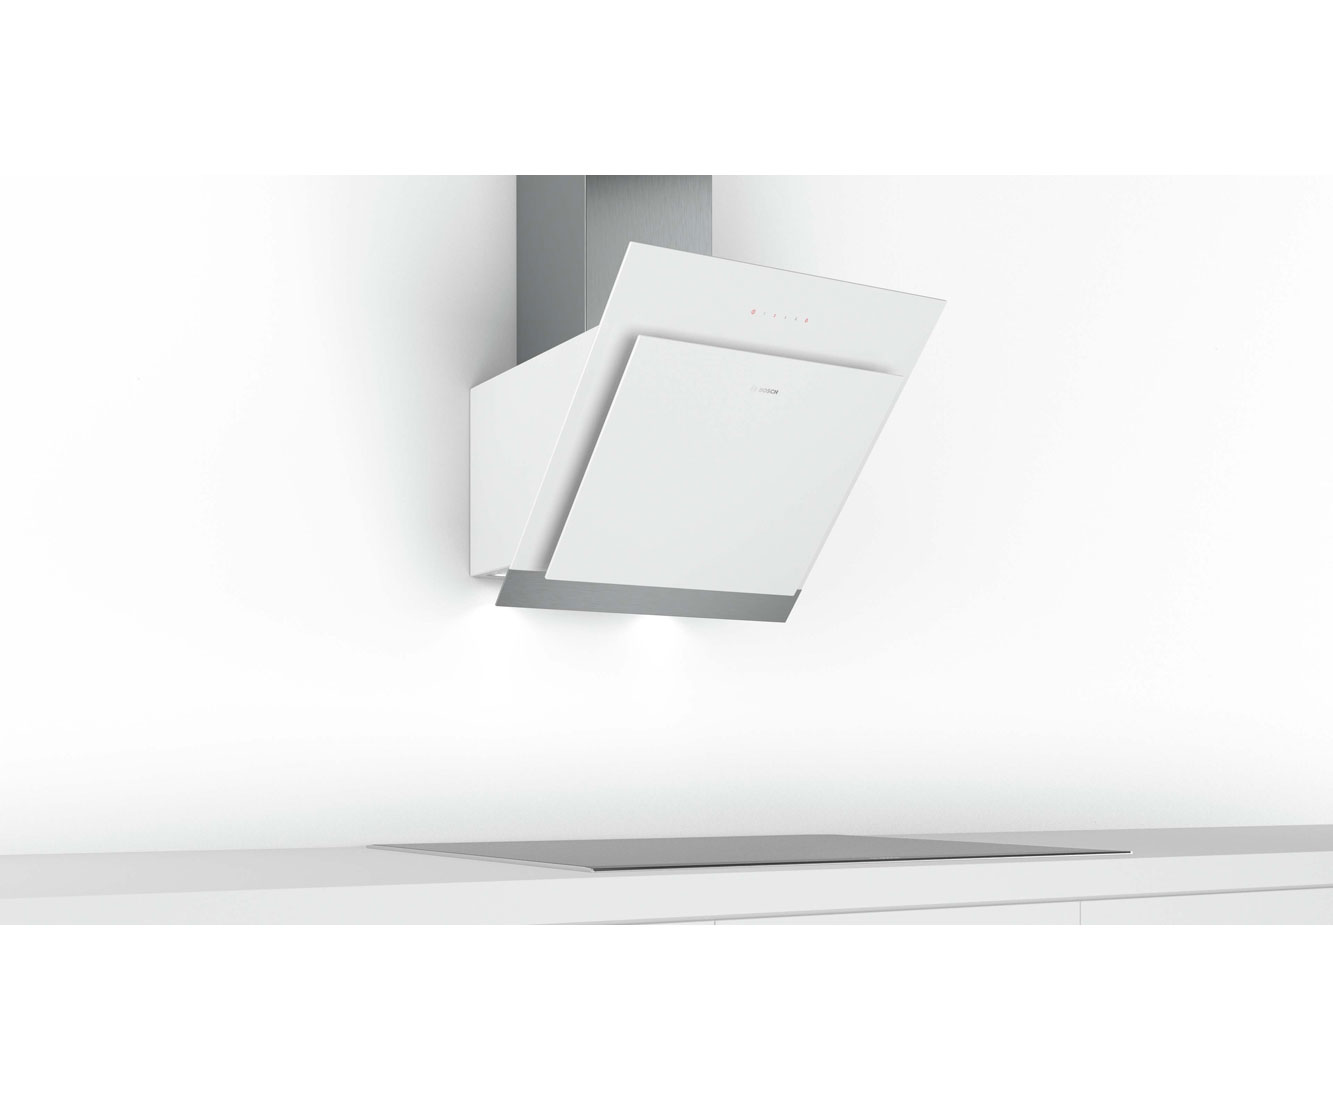 Dunstabzugshaube Umluft Von Bosch Dunstabzugshaube Lampe Wechseln